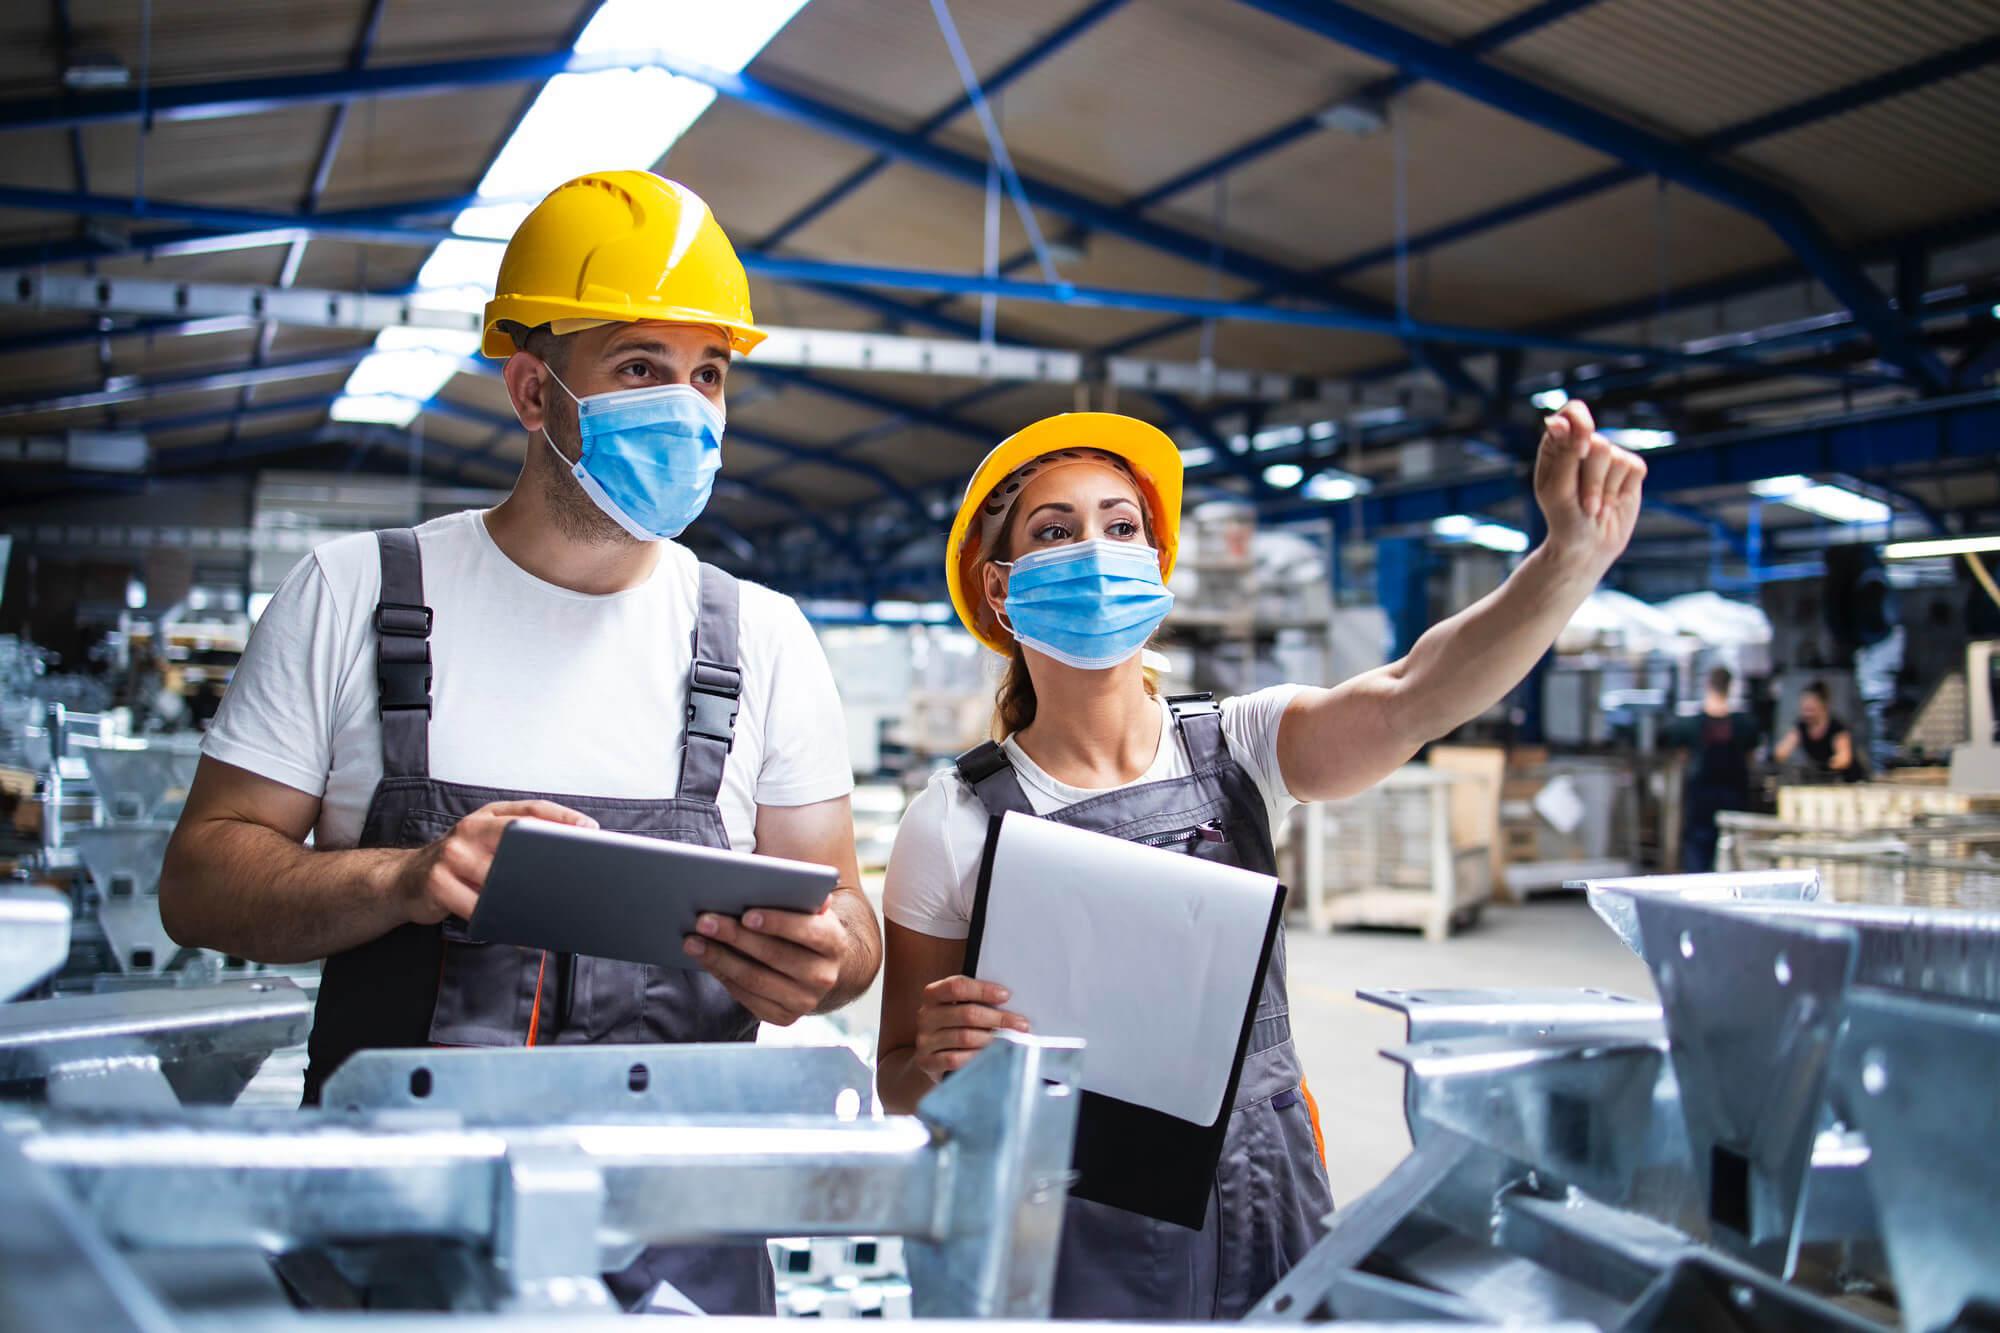 mantenimiento en la industria